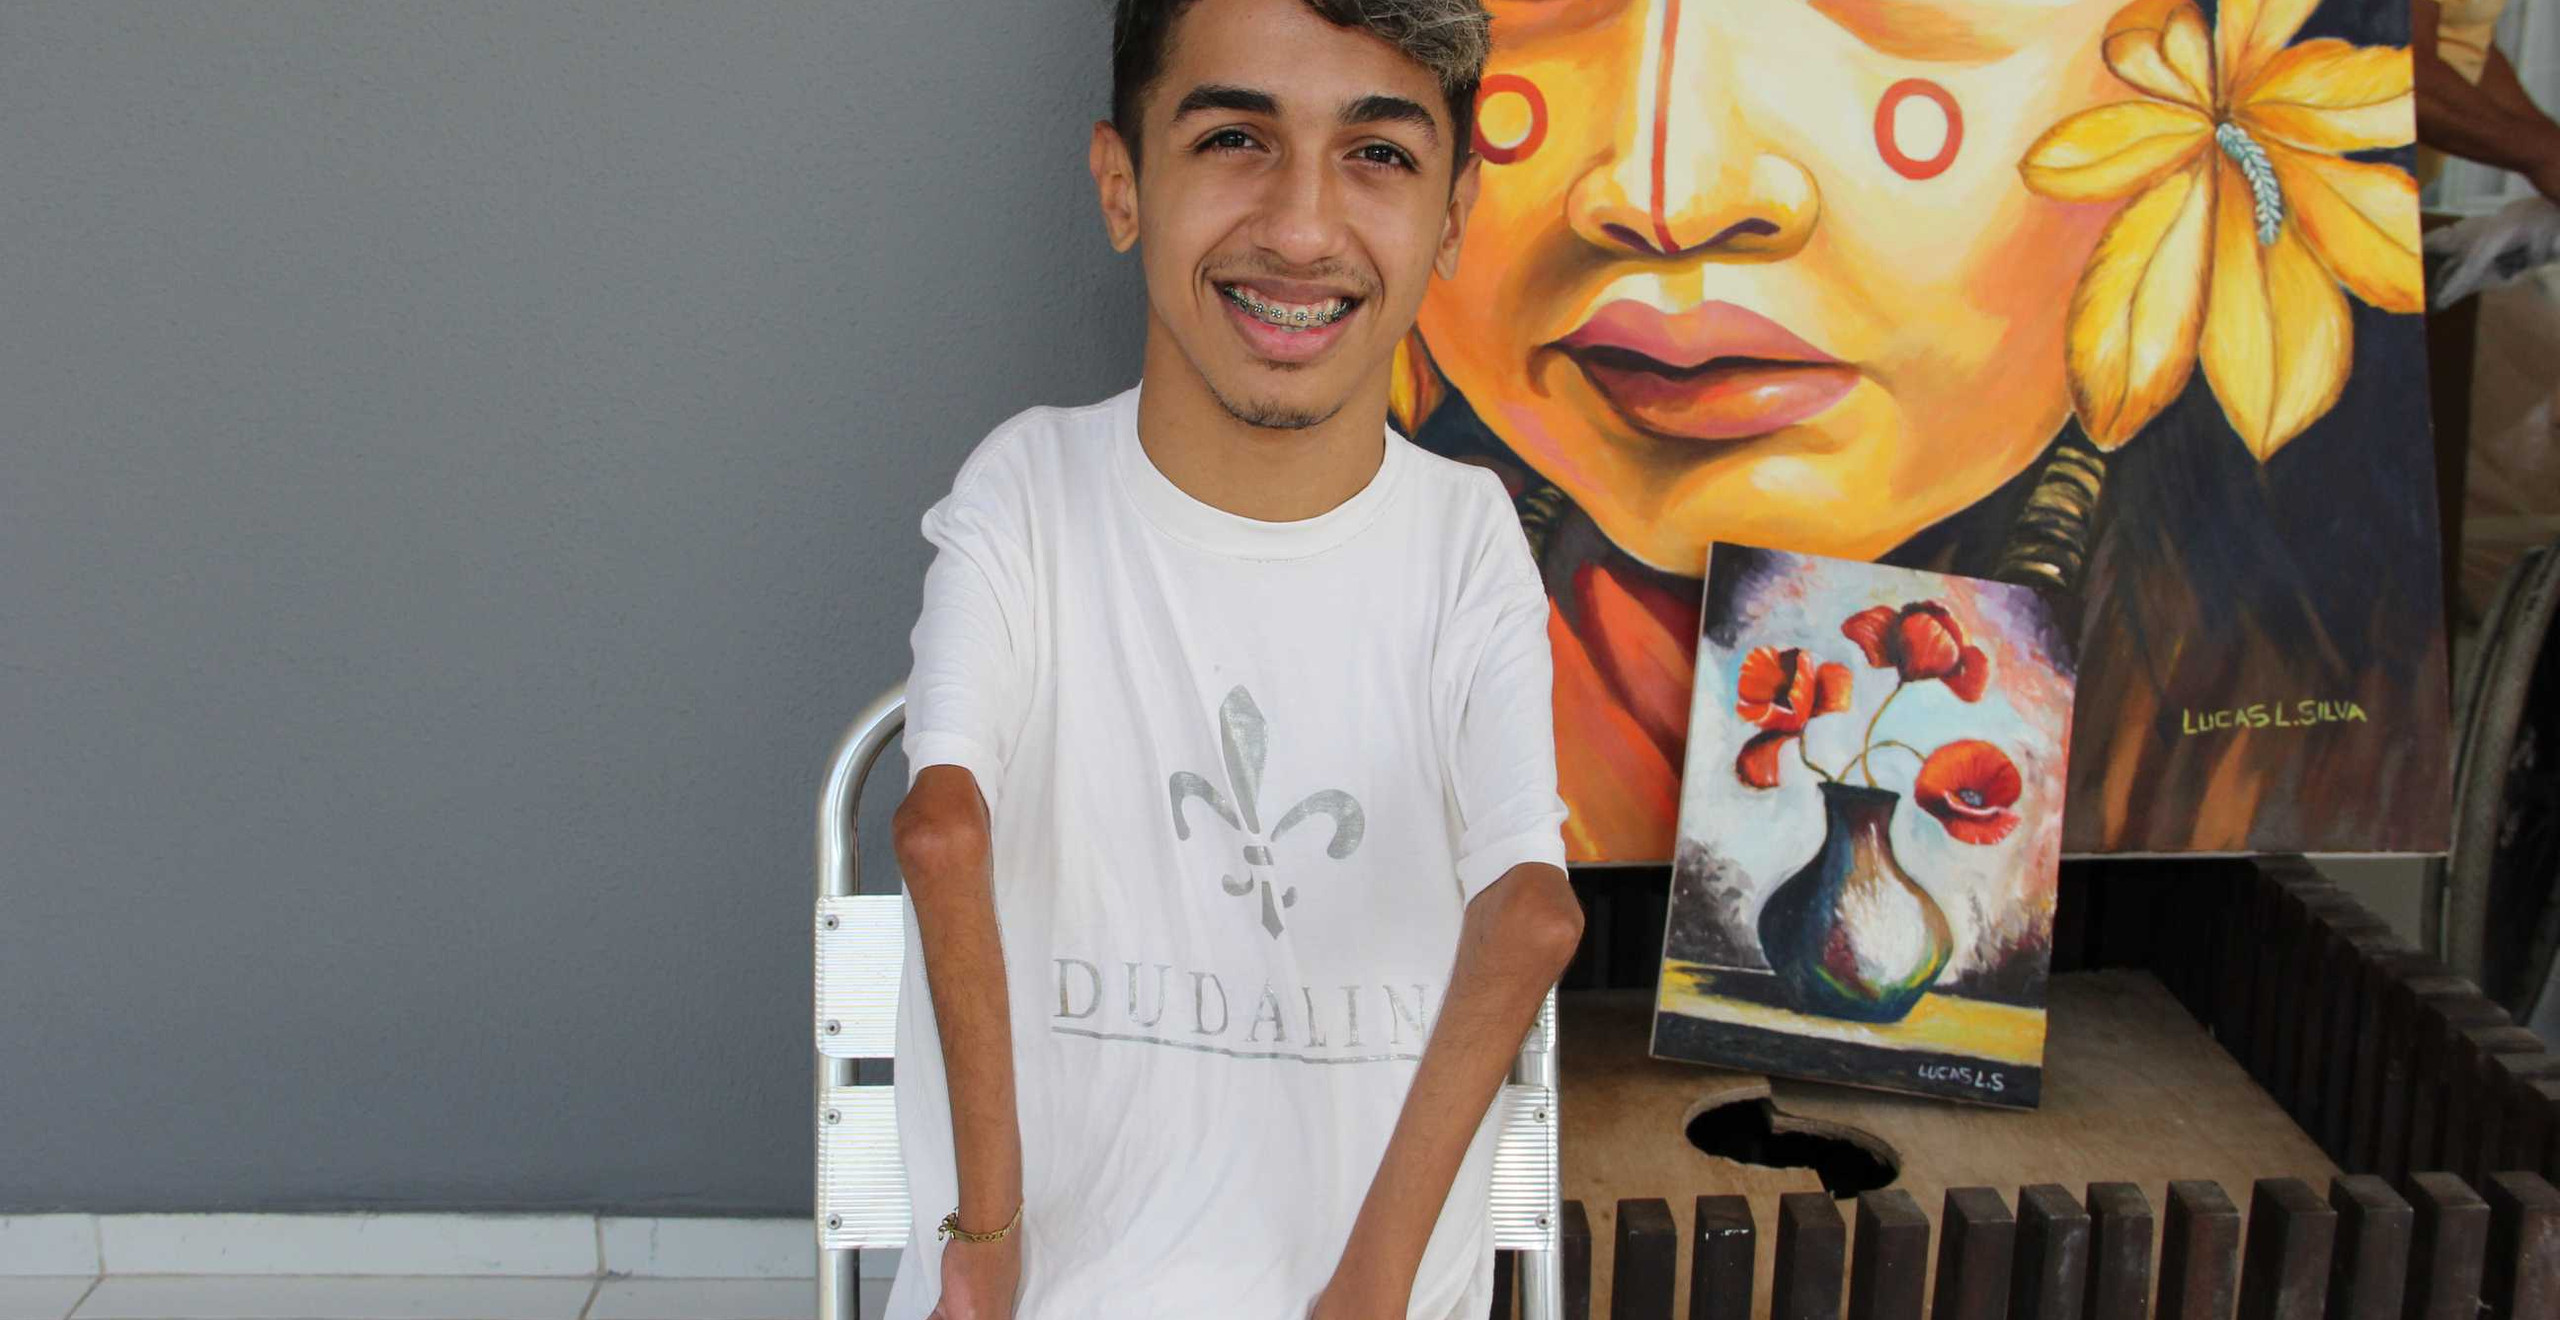 O pintor e músico Lucas Luciano Silva, um dos contemplados pela ação.